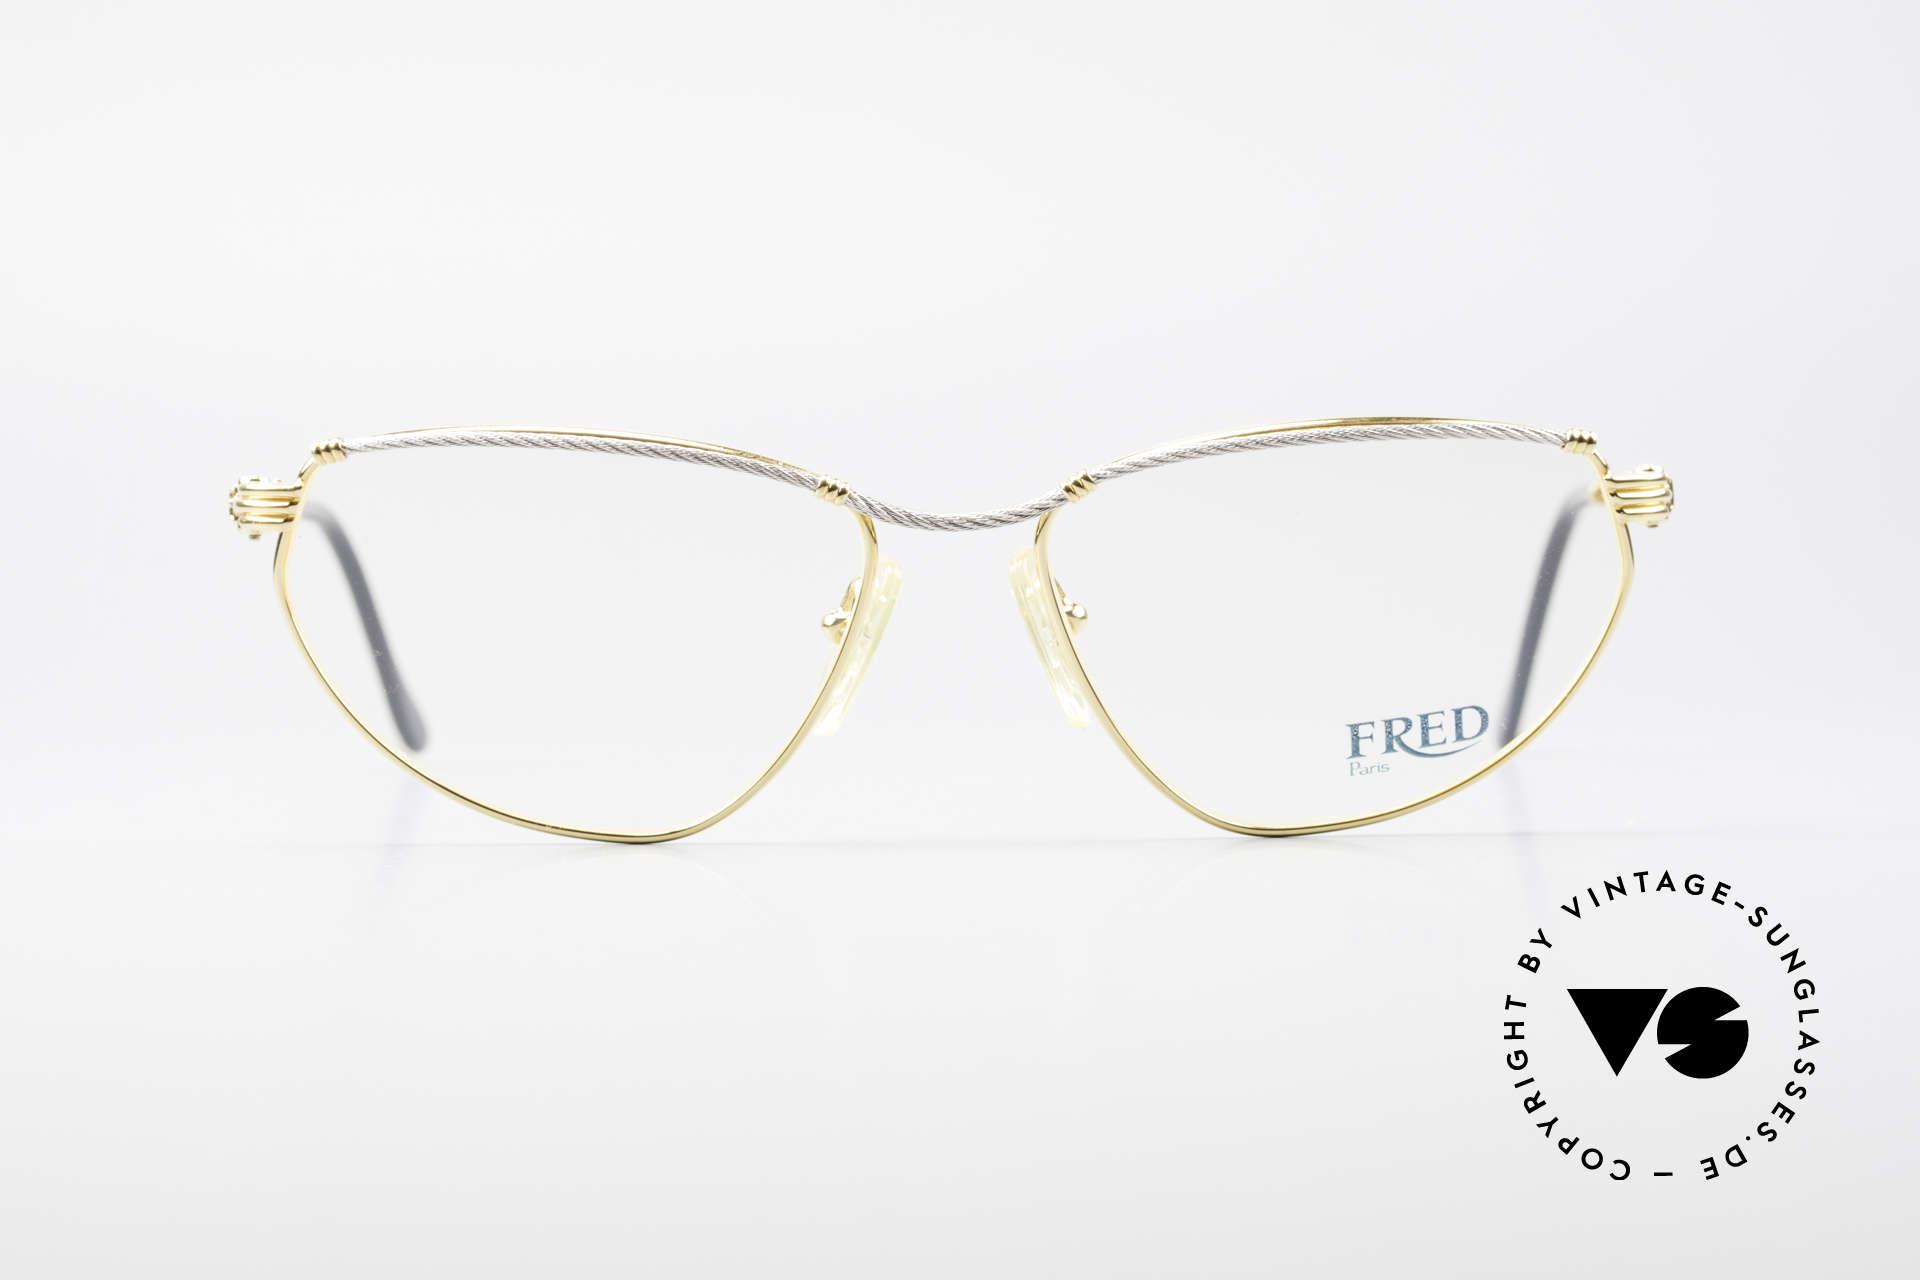 Fred Alize Luxus M Brillenfassung Damen, marines Design (charakteristisch Fred); Top-Qualität, Passend für Damen